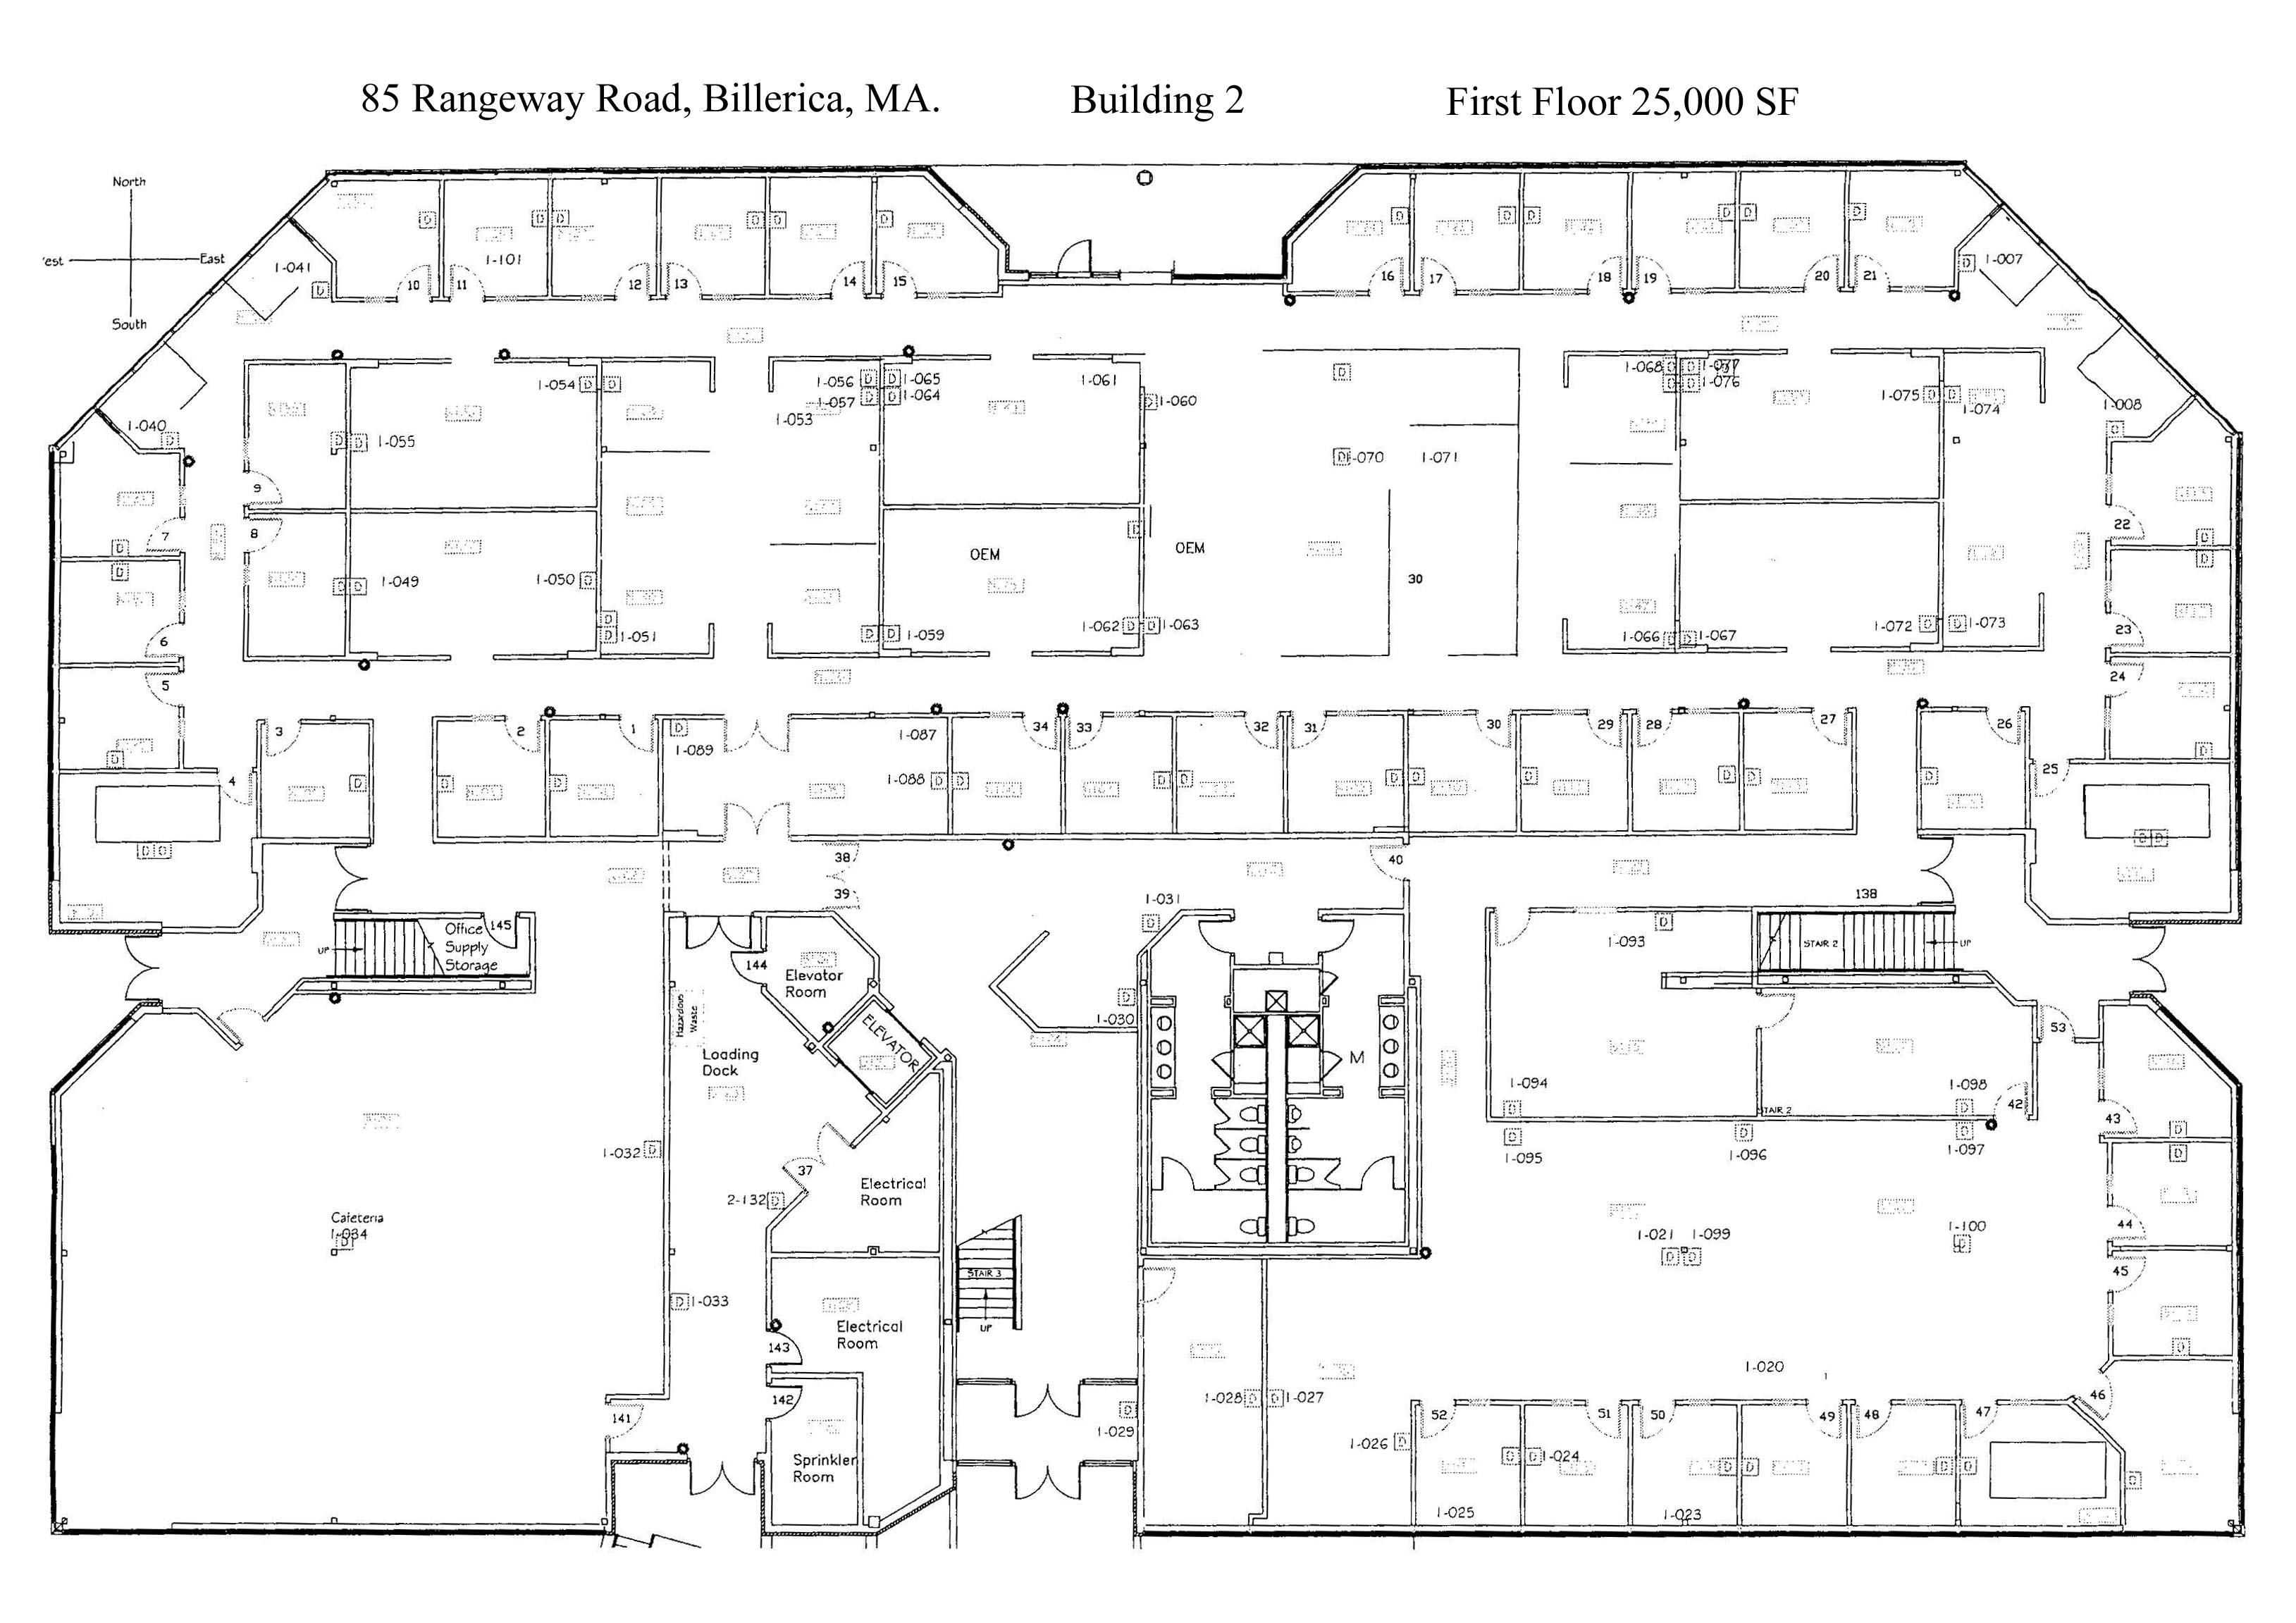 Building 2 - Floor 1